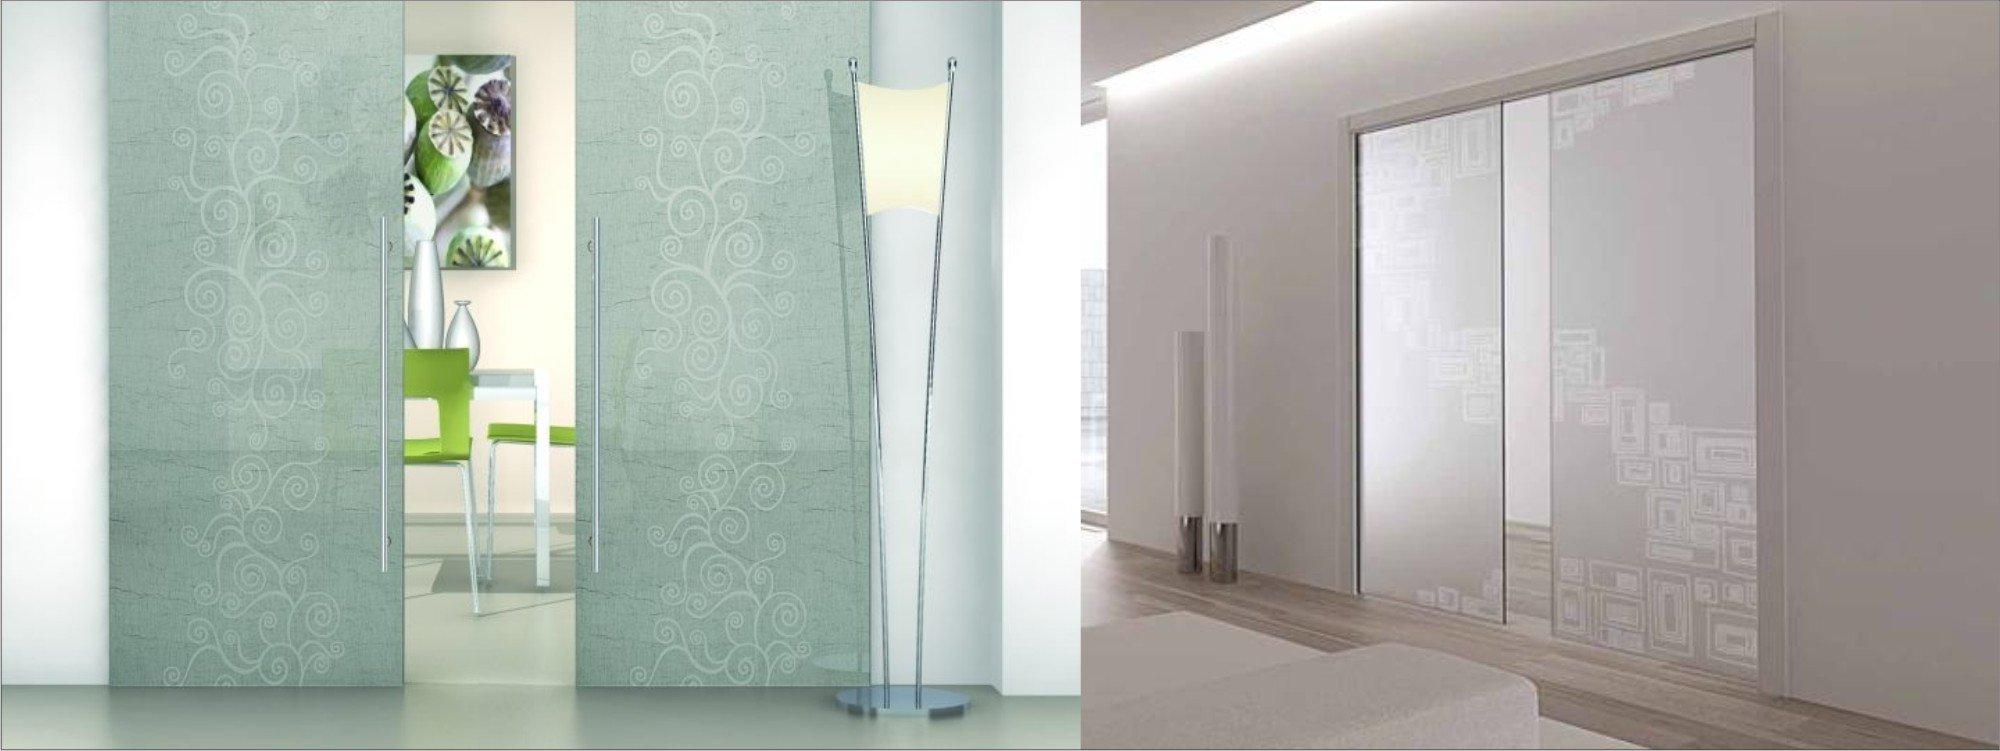 Interni con porte in vetro